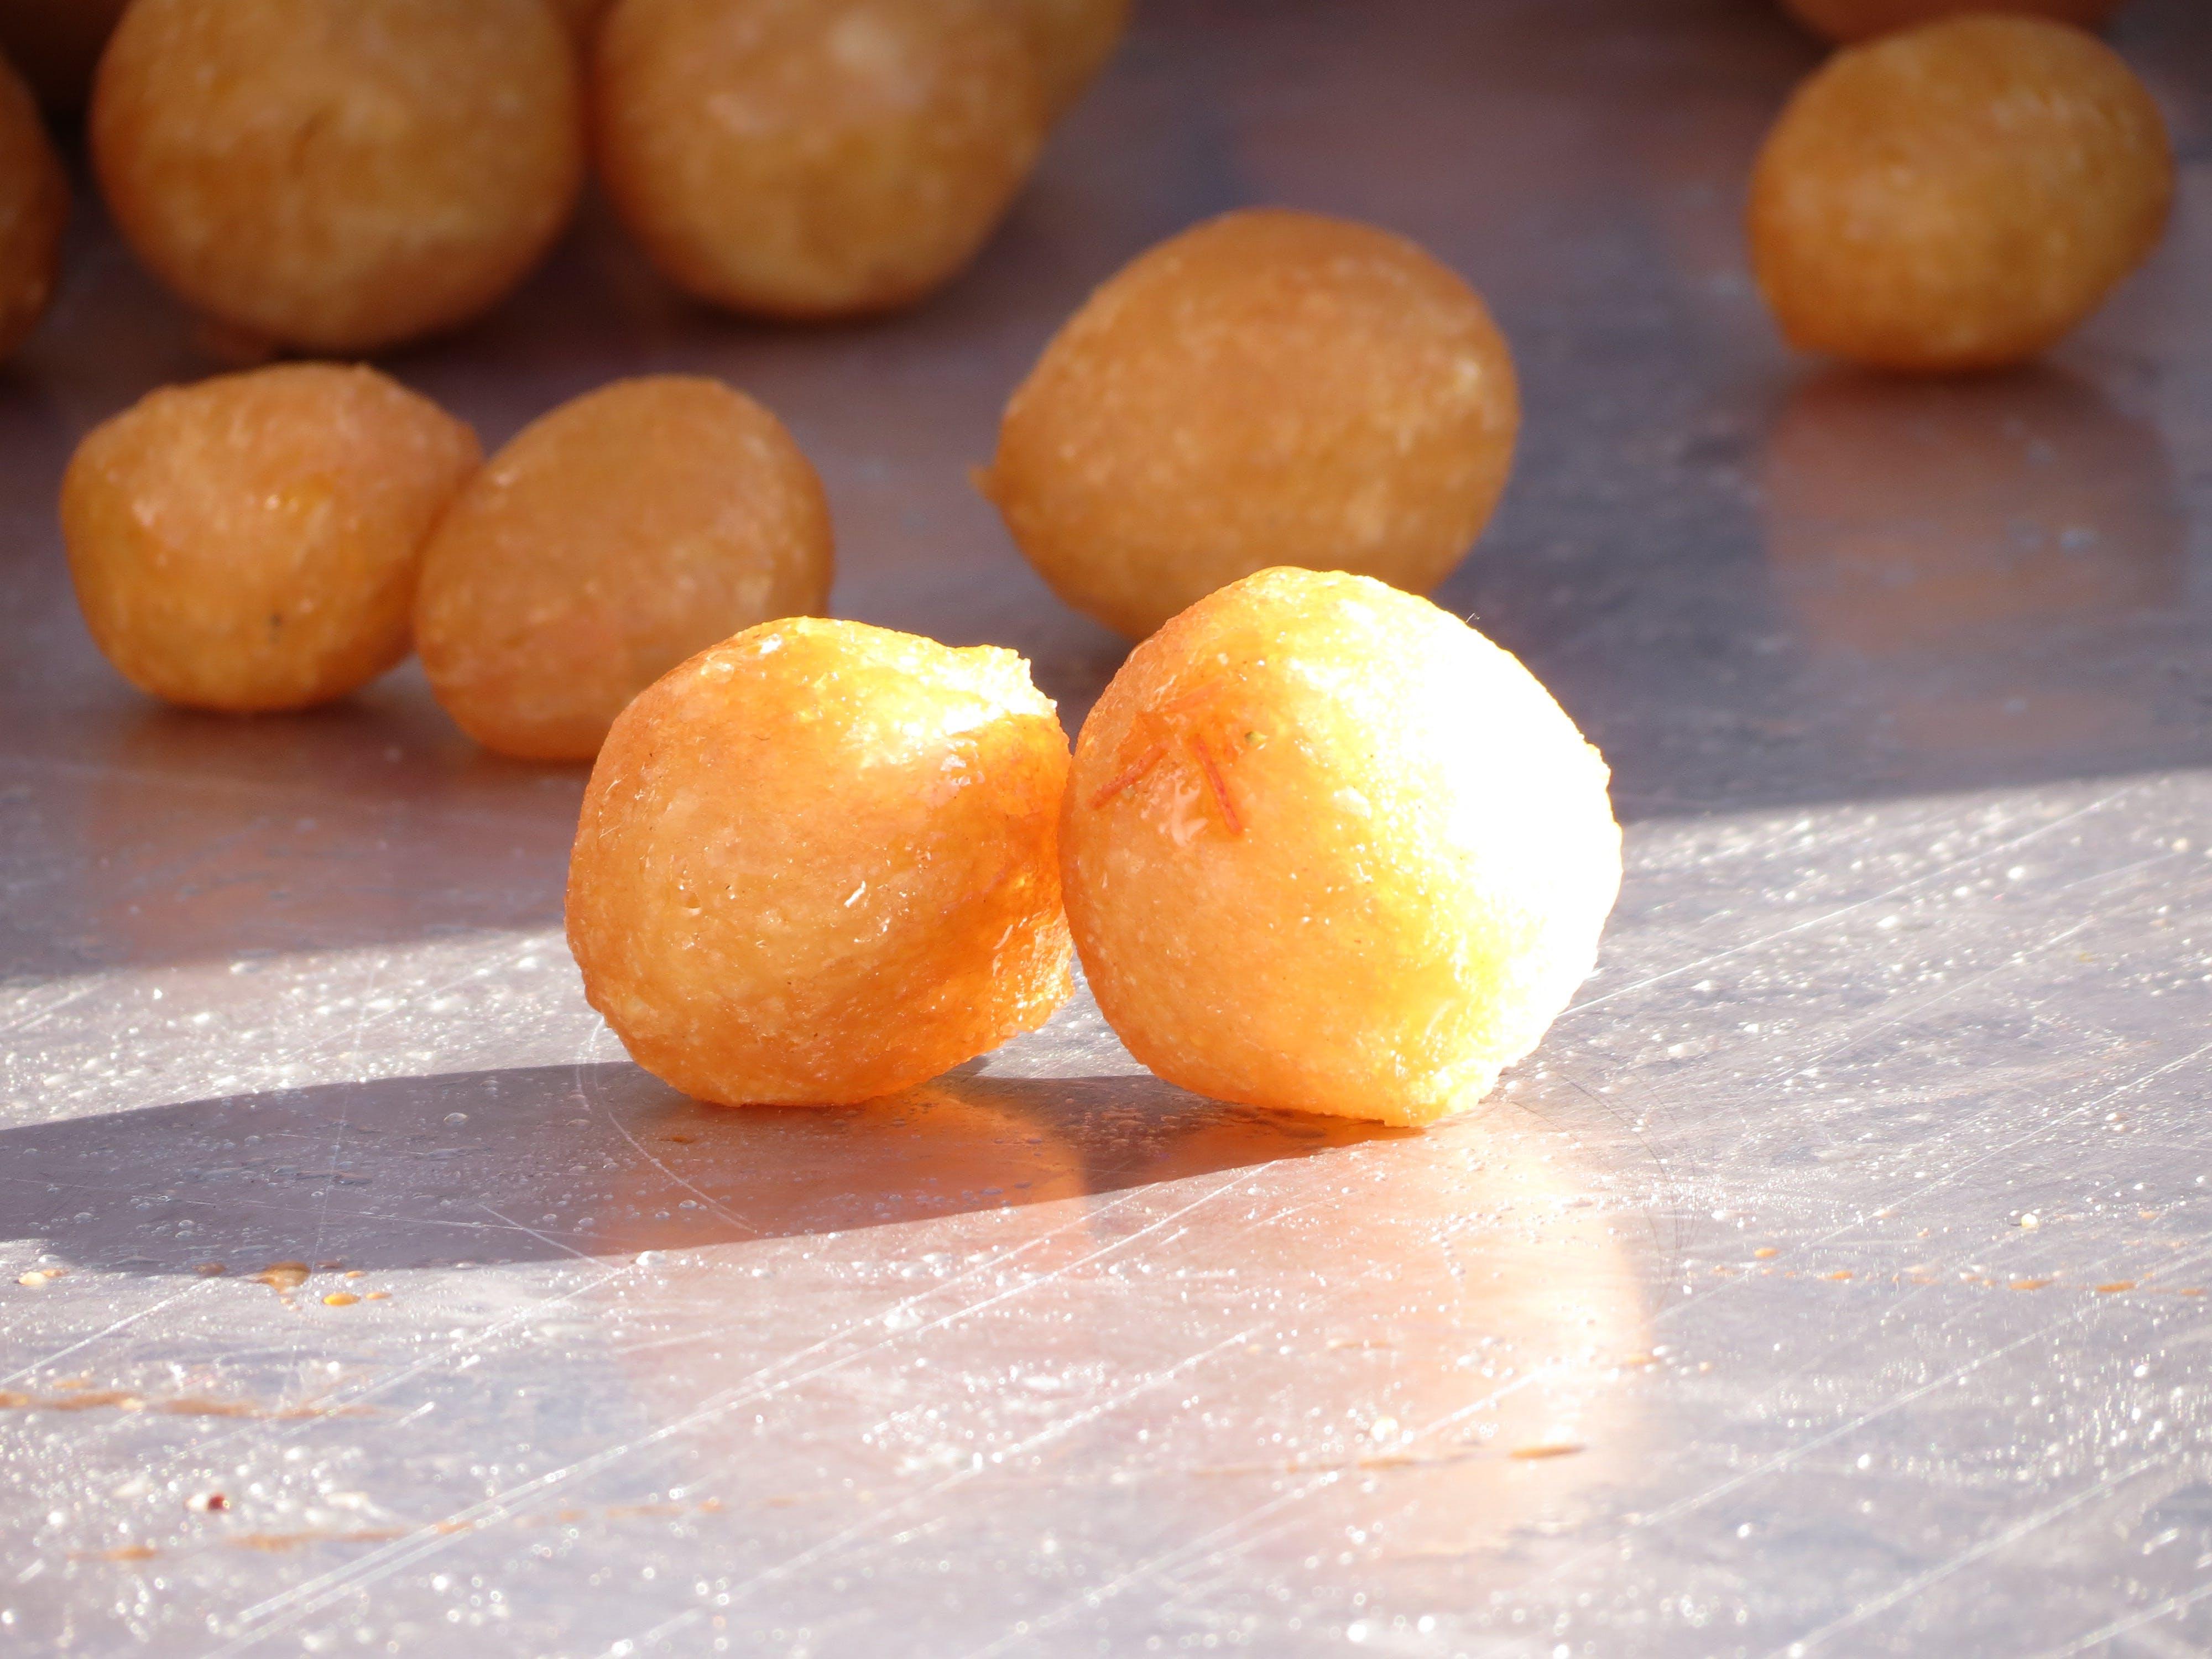 실버 트레이에 달콤한 공, 음식, 태양의 무료 스톡 사진